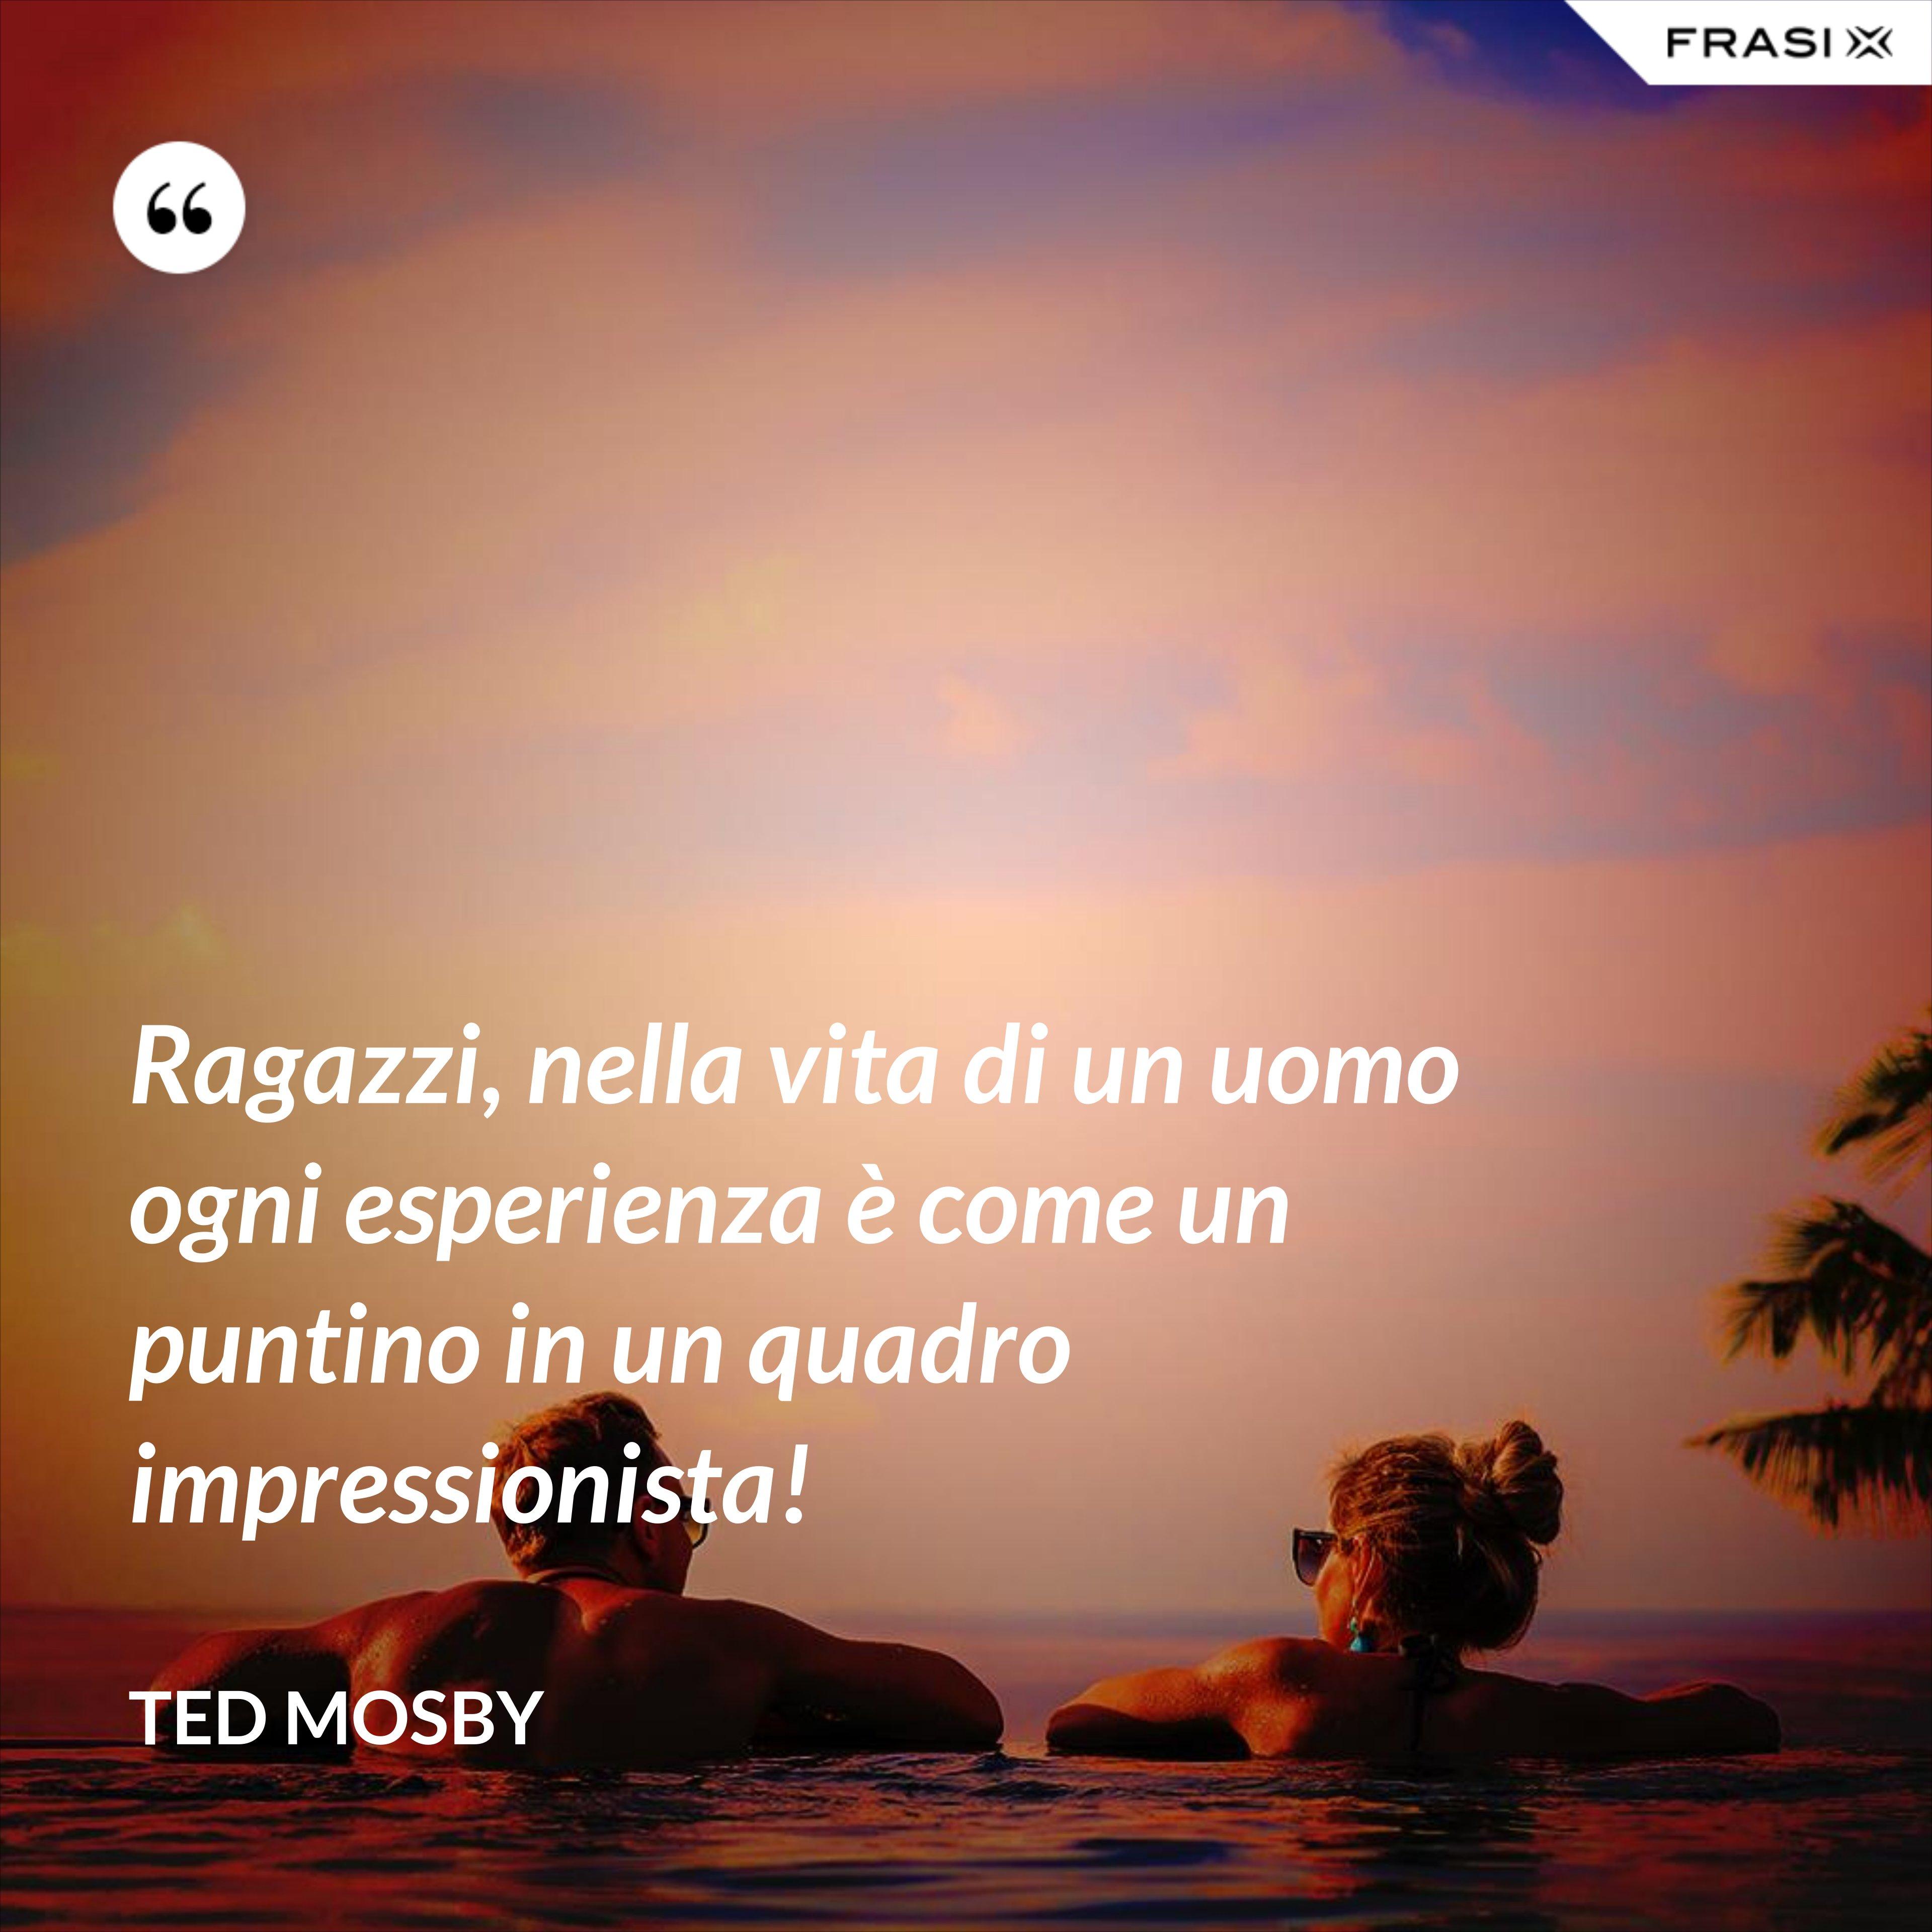 Ragazzi, nella vita di un uomo ogni esperienza è come un puntino in un quadro impressionista! - Ted Mosby